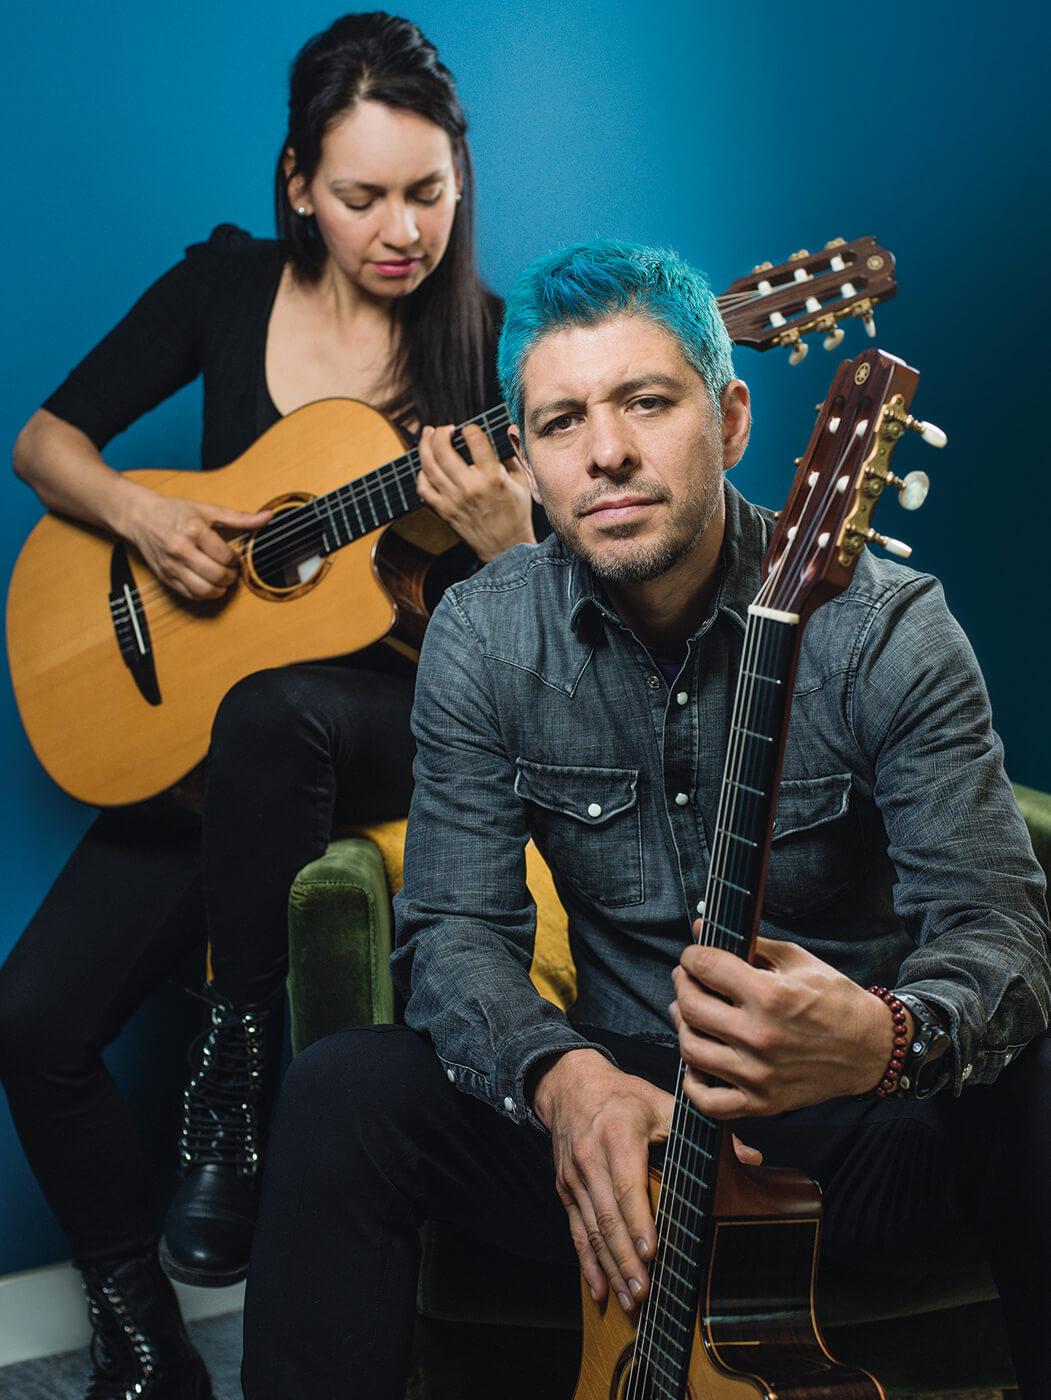 Rodrigo y Gabriela both with guitars